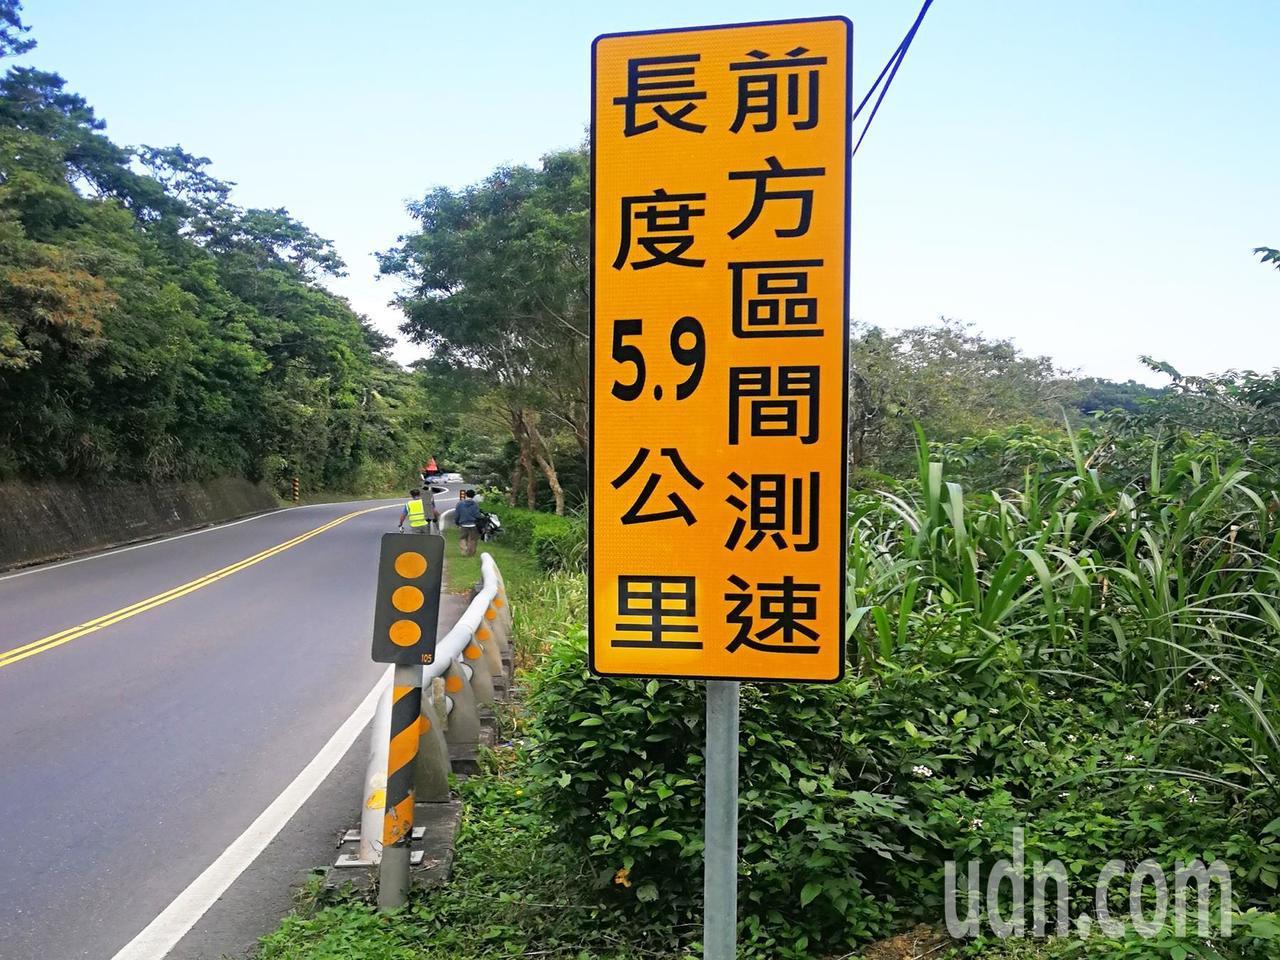 南迴公路舊省道(台9戊線)森永至壽卡路段明年元旦將實施區間測速。記者羅紹平/攝影